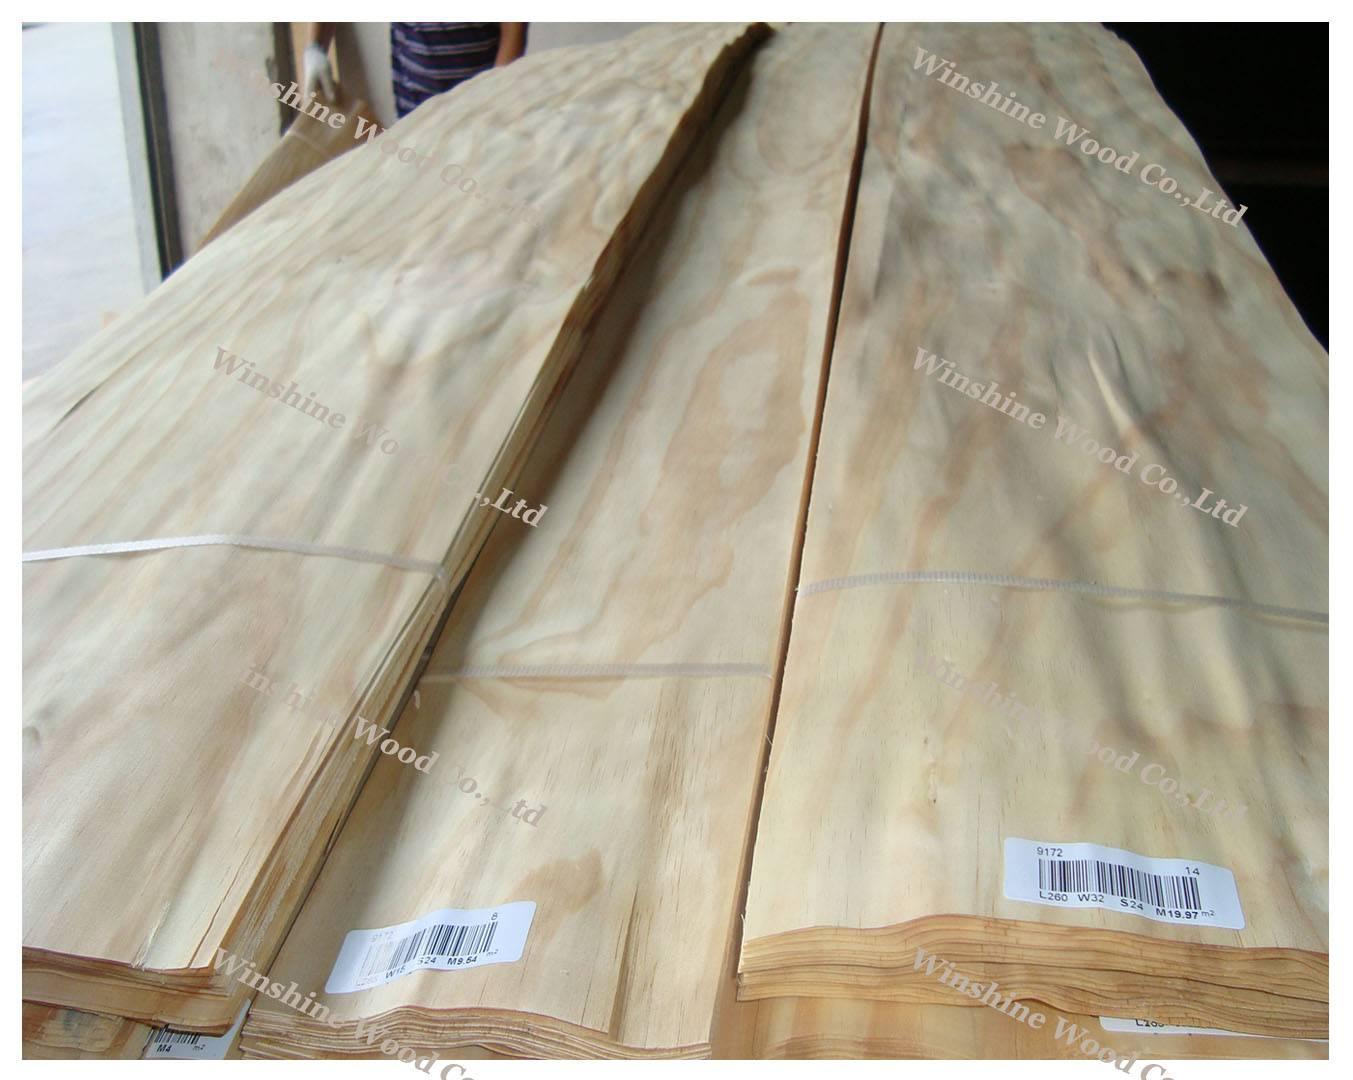 New Zealand Pine wood veneer